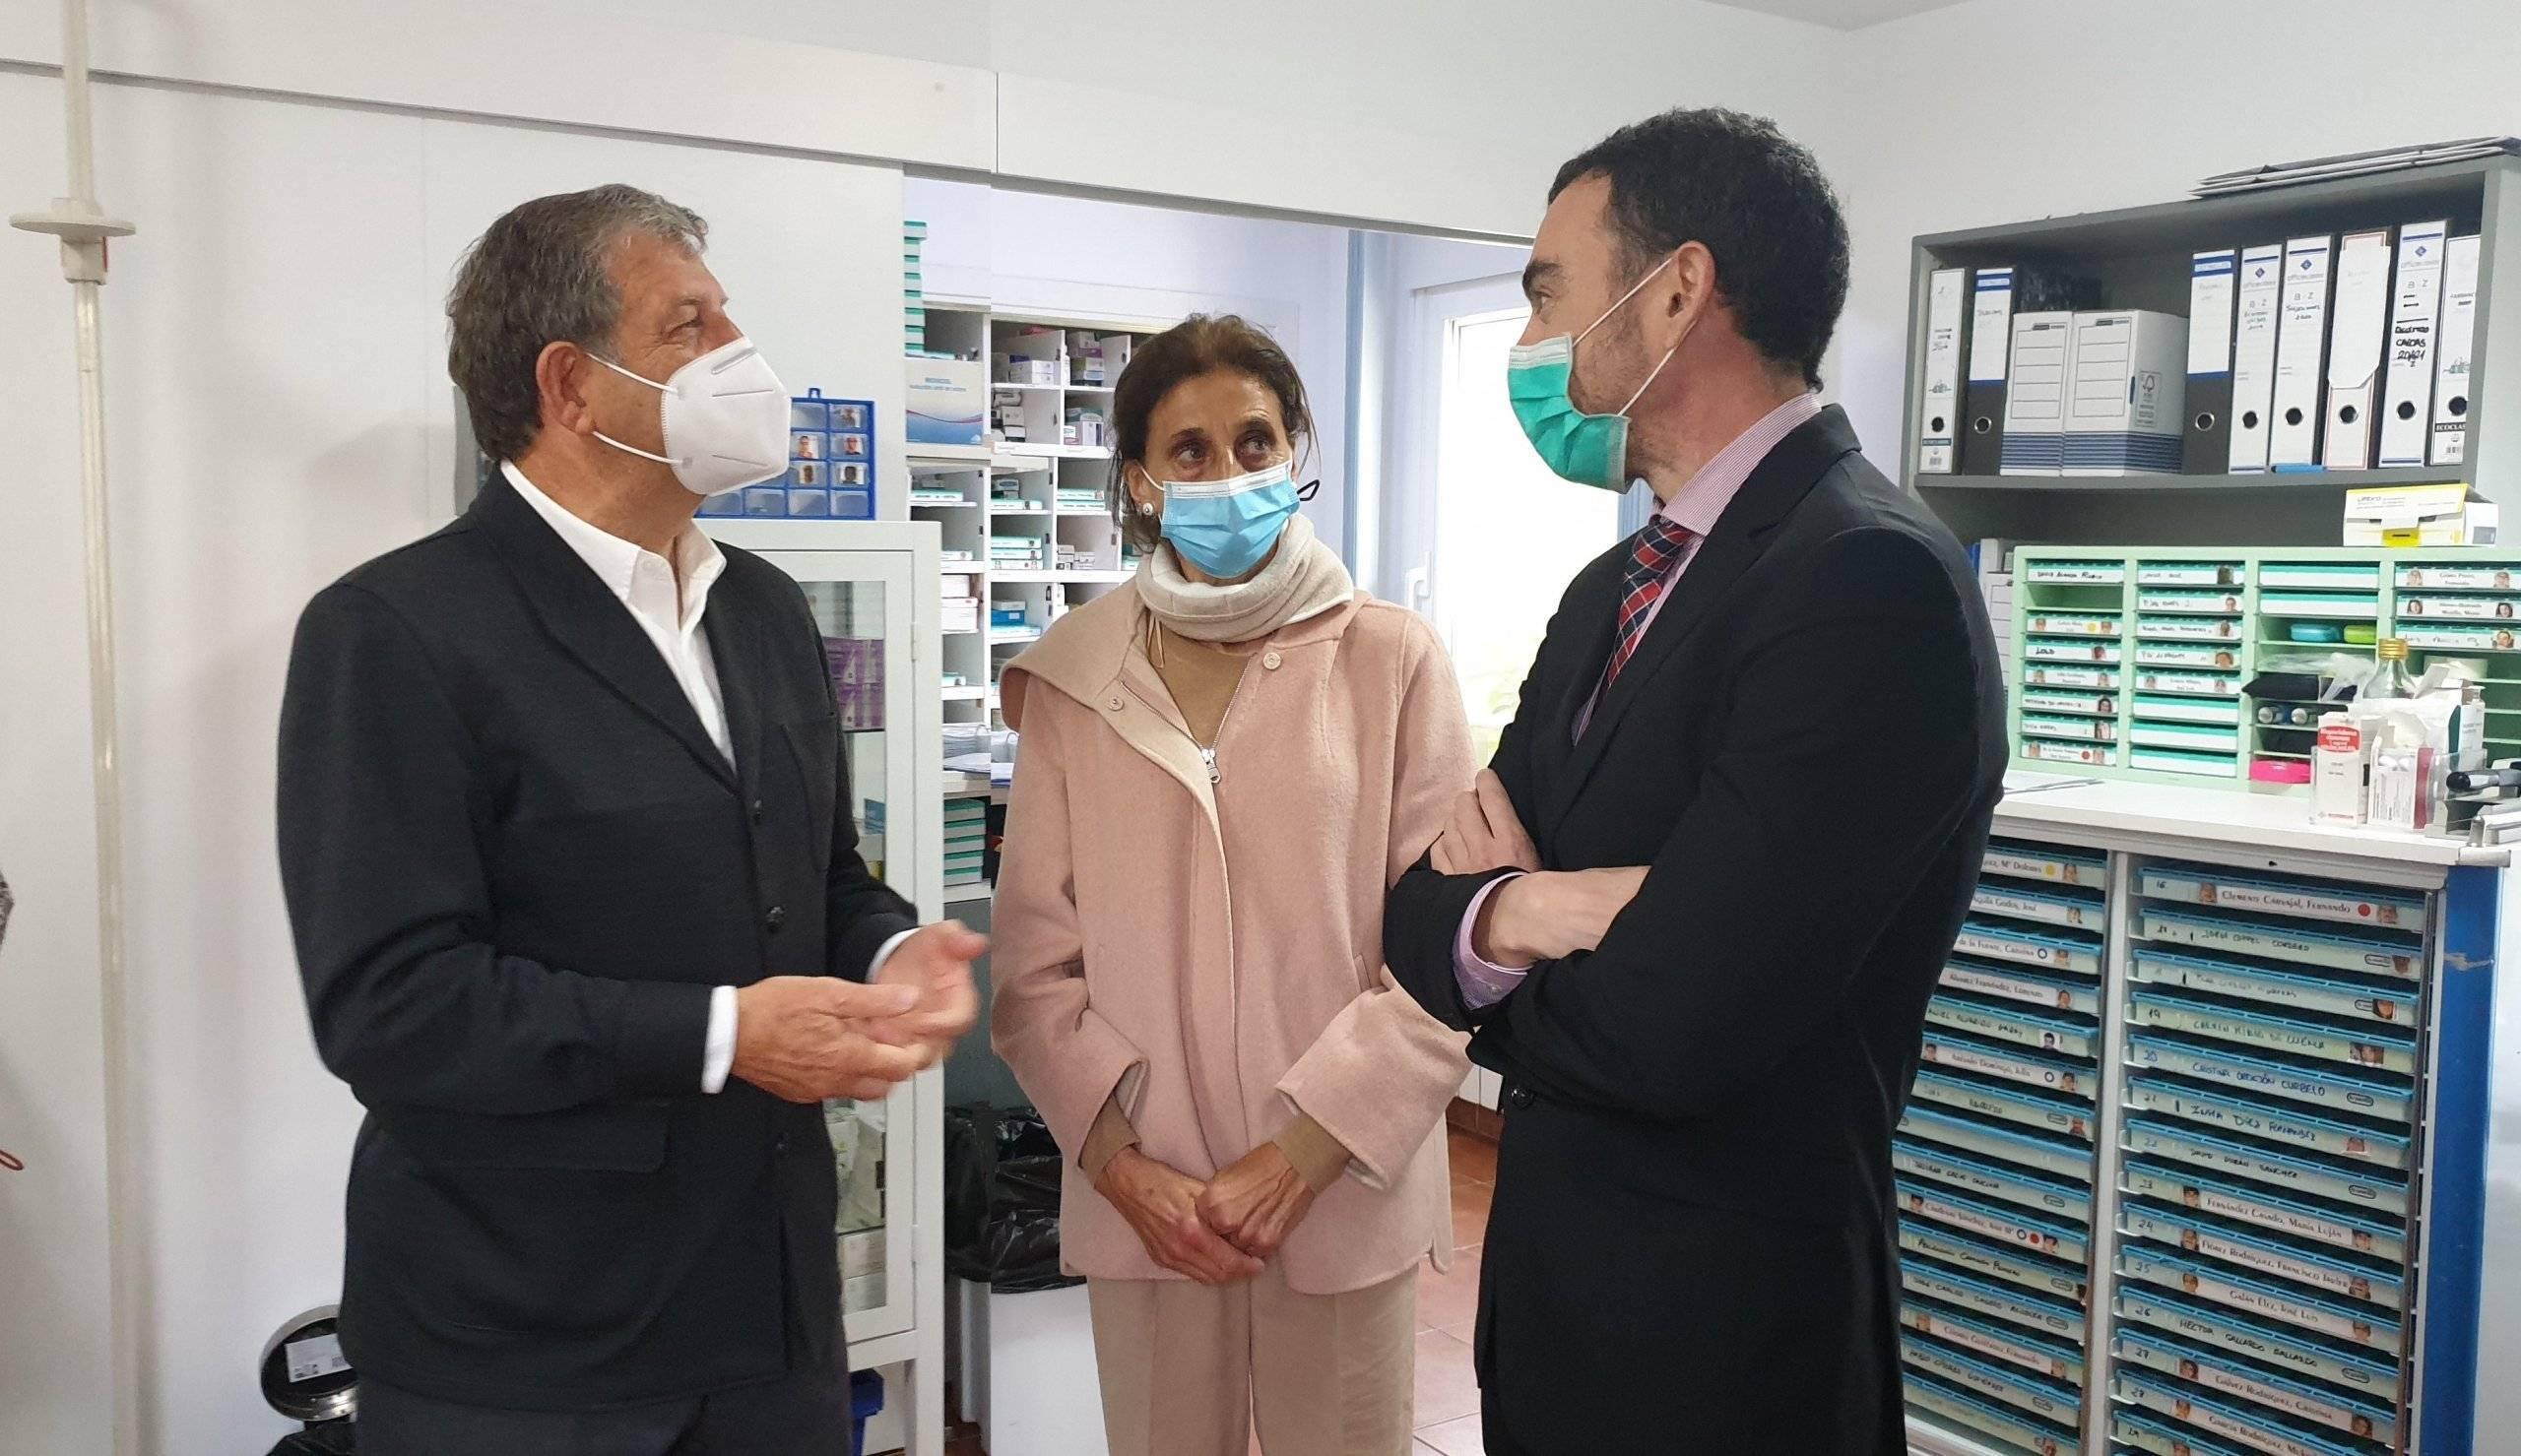 El alcalde, Luis Partida, y el Director General de Atención a Personas con Discapacidad de la Comunidad de Madrid, Óscar Álvarez López, junto a la gerente de la fundación, Ana Martín-Villa.